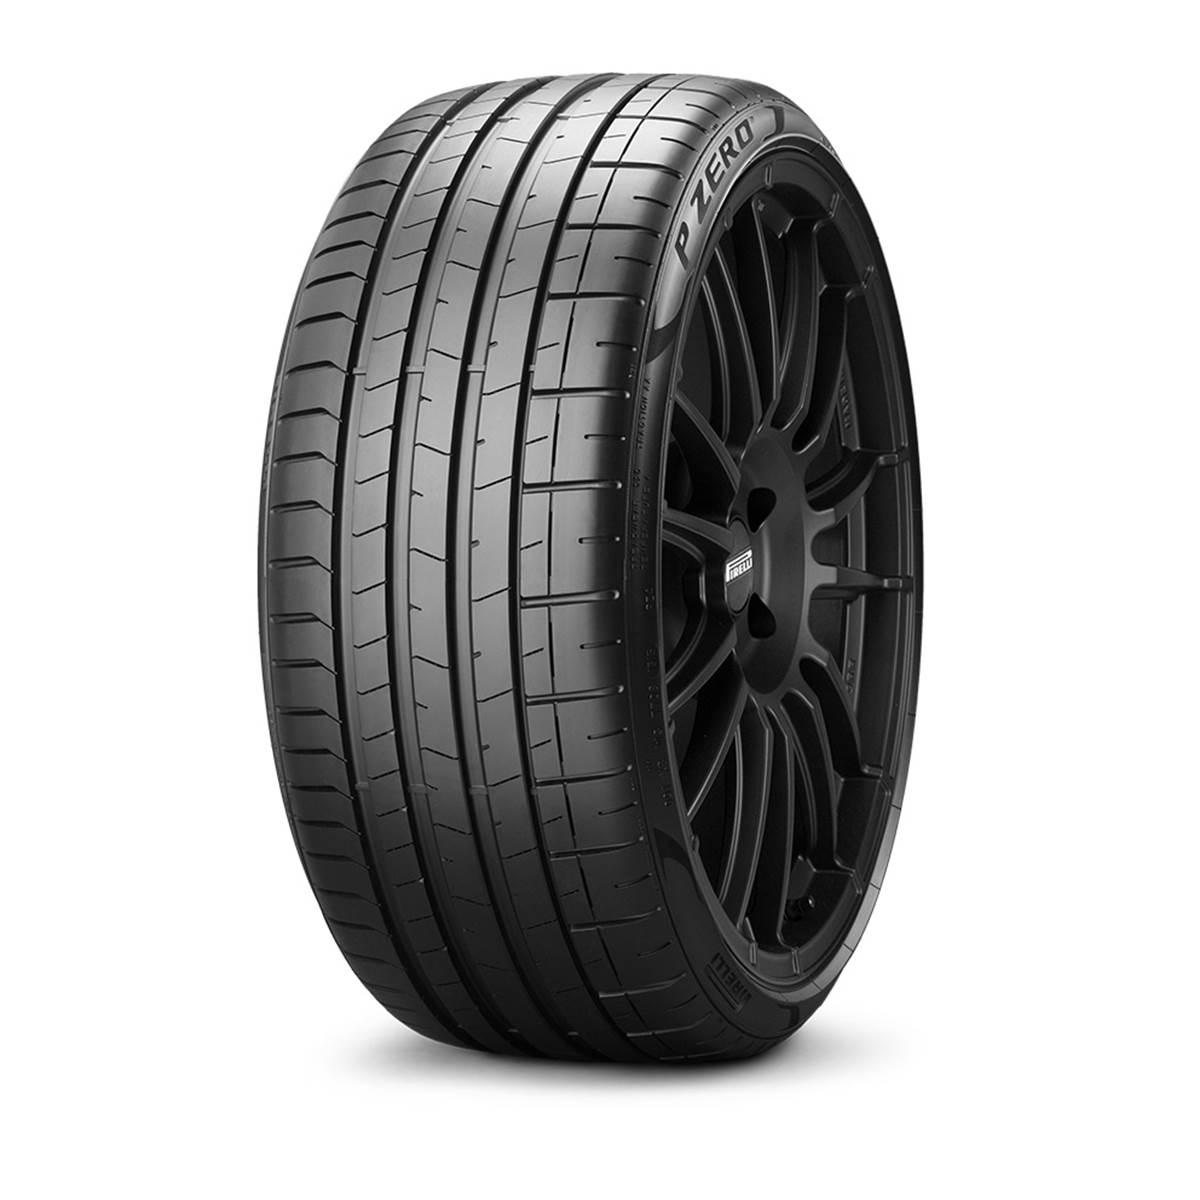 Pneu Pirelli 245/40R20 99Y Pzero XL